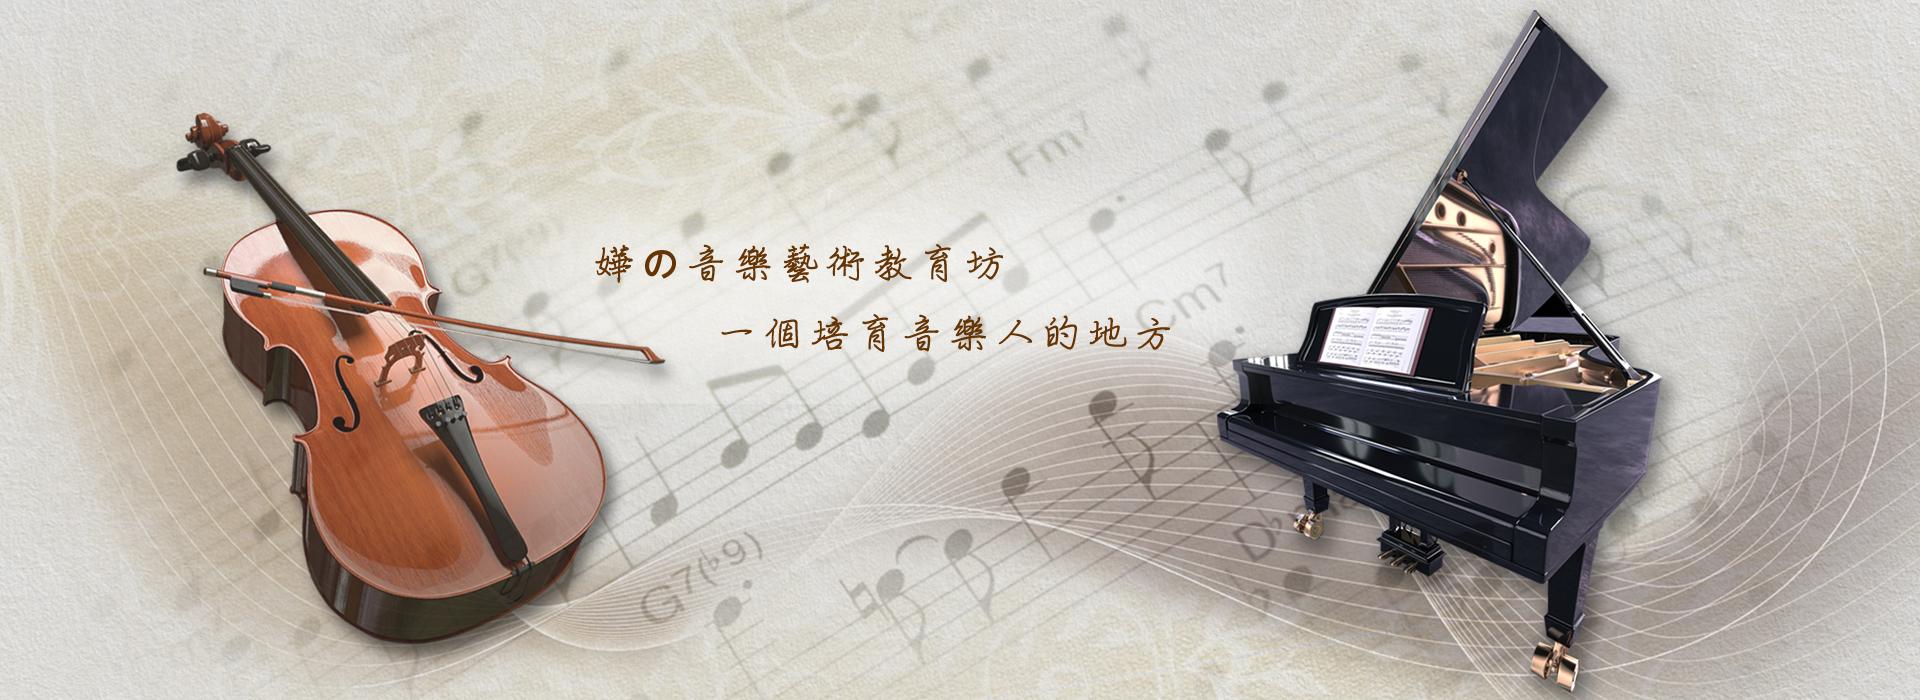 彰化鋼琴教室,嬅 音樂藝術教育坊